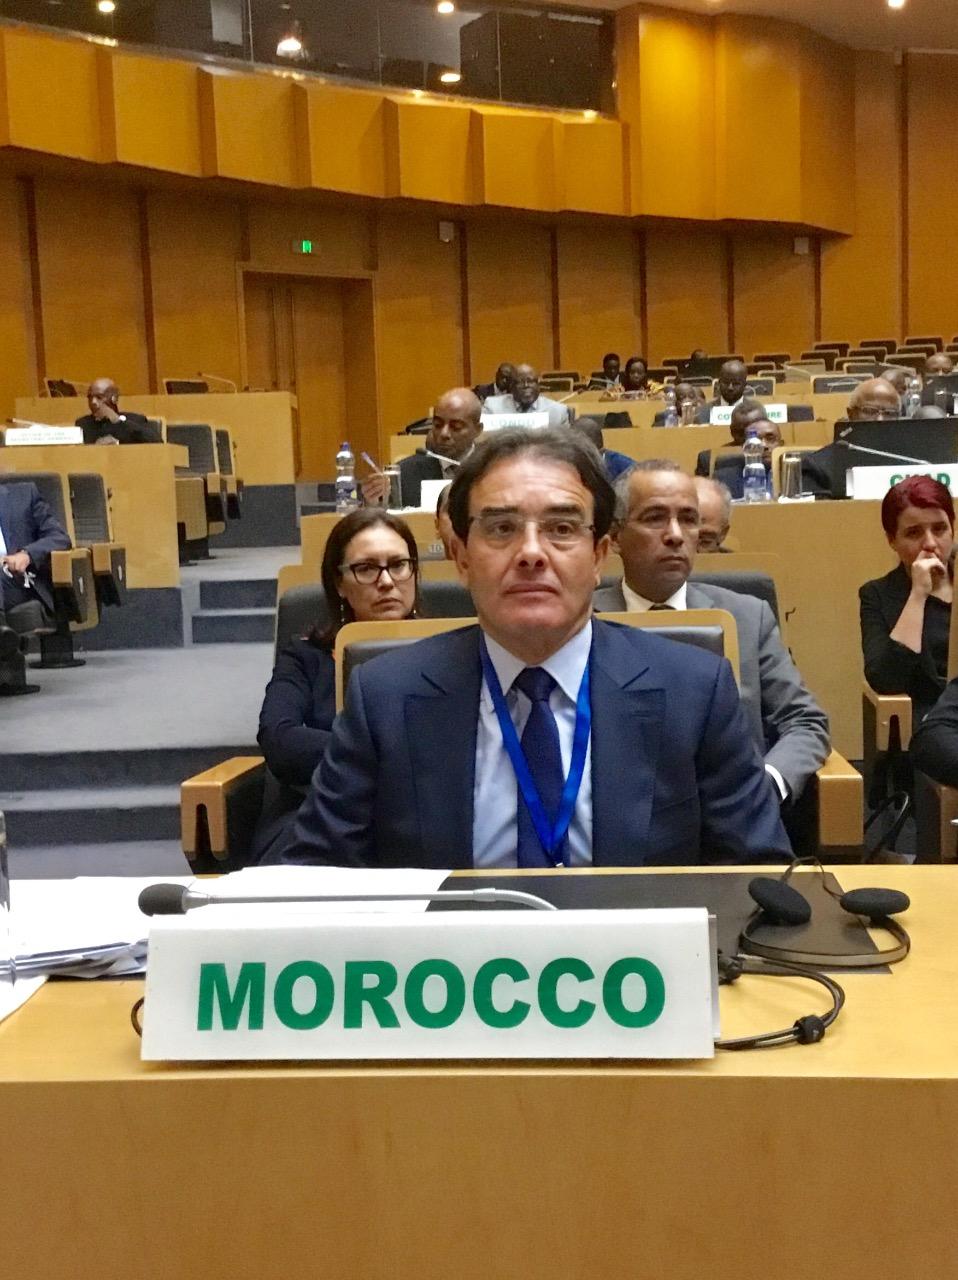 """بنعتيق: المغرب يدعو بقوة إلى إرساء شراكة """"متوازنة"""" بين الاتحادين الإفريقي والأوروبي"""